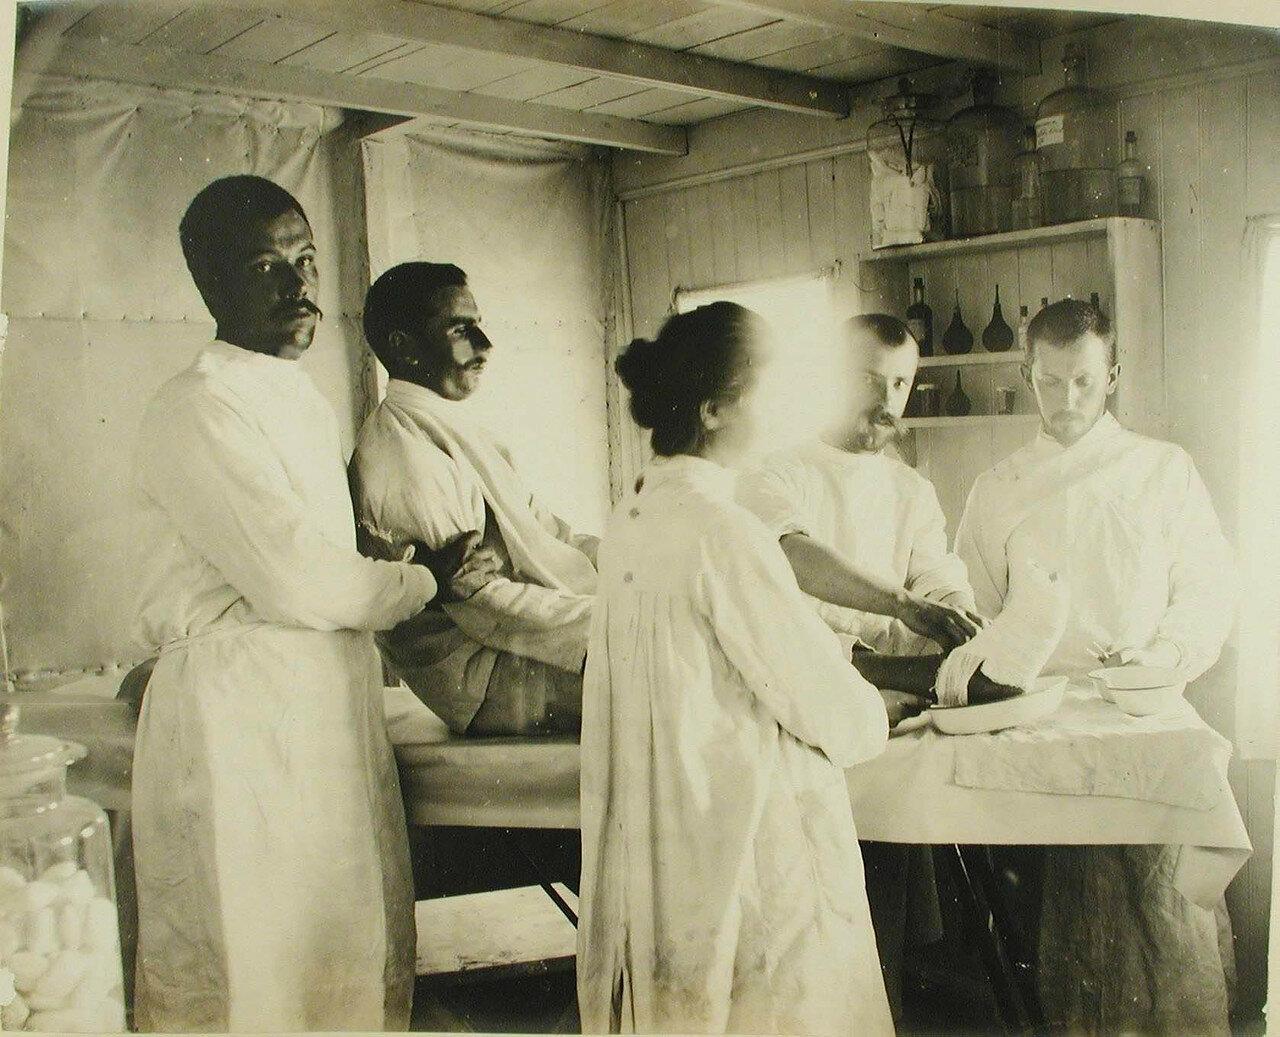 36. Медицинский персонал за перевязкой раненого в перевязочной Елизветградской баржи-лаза